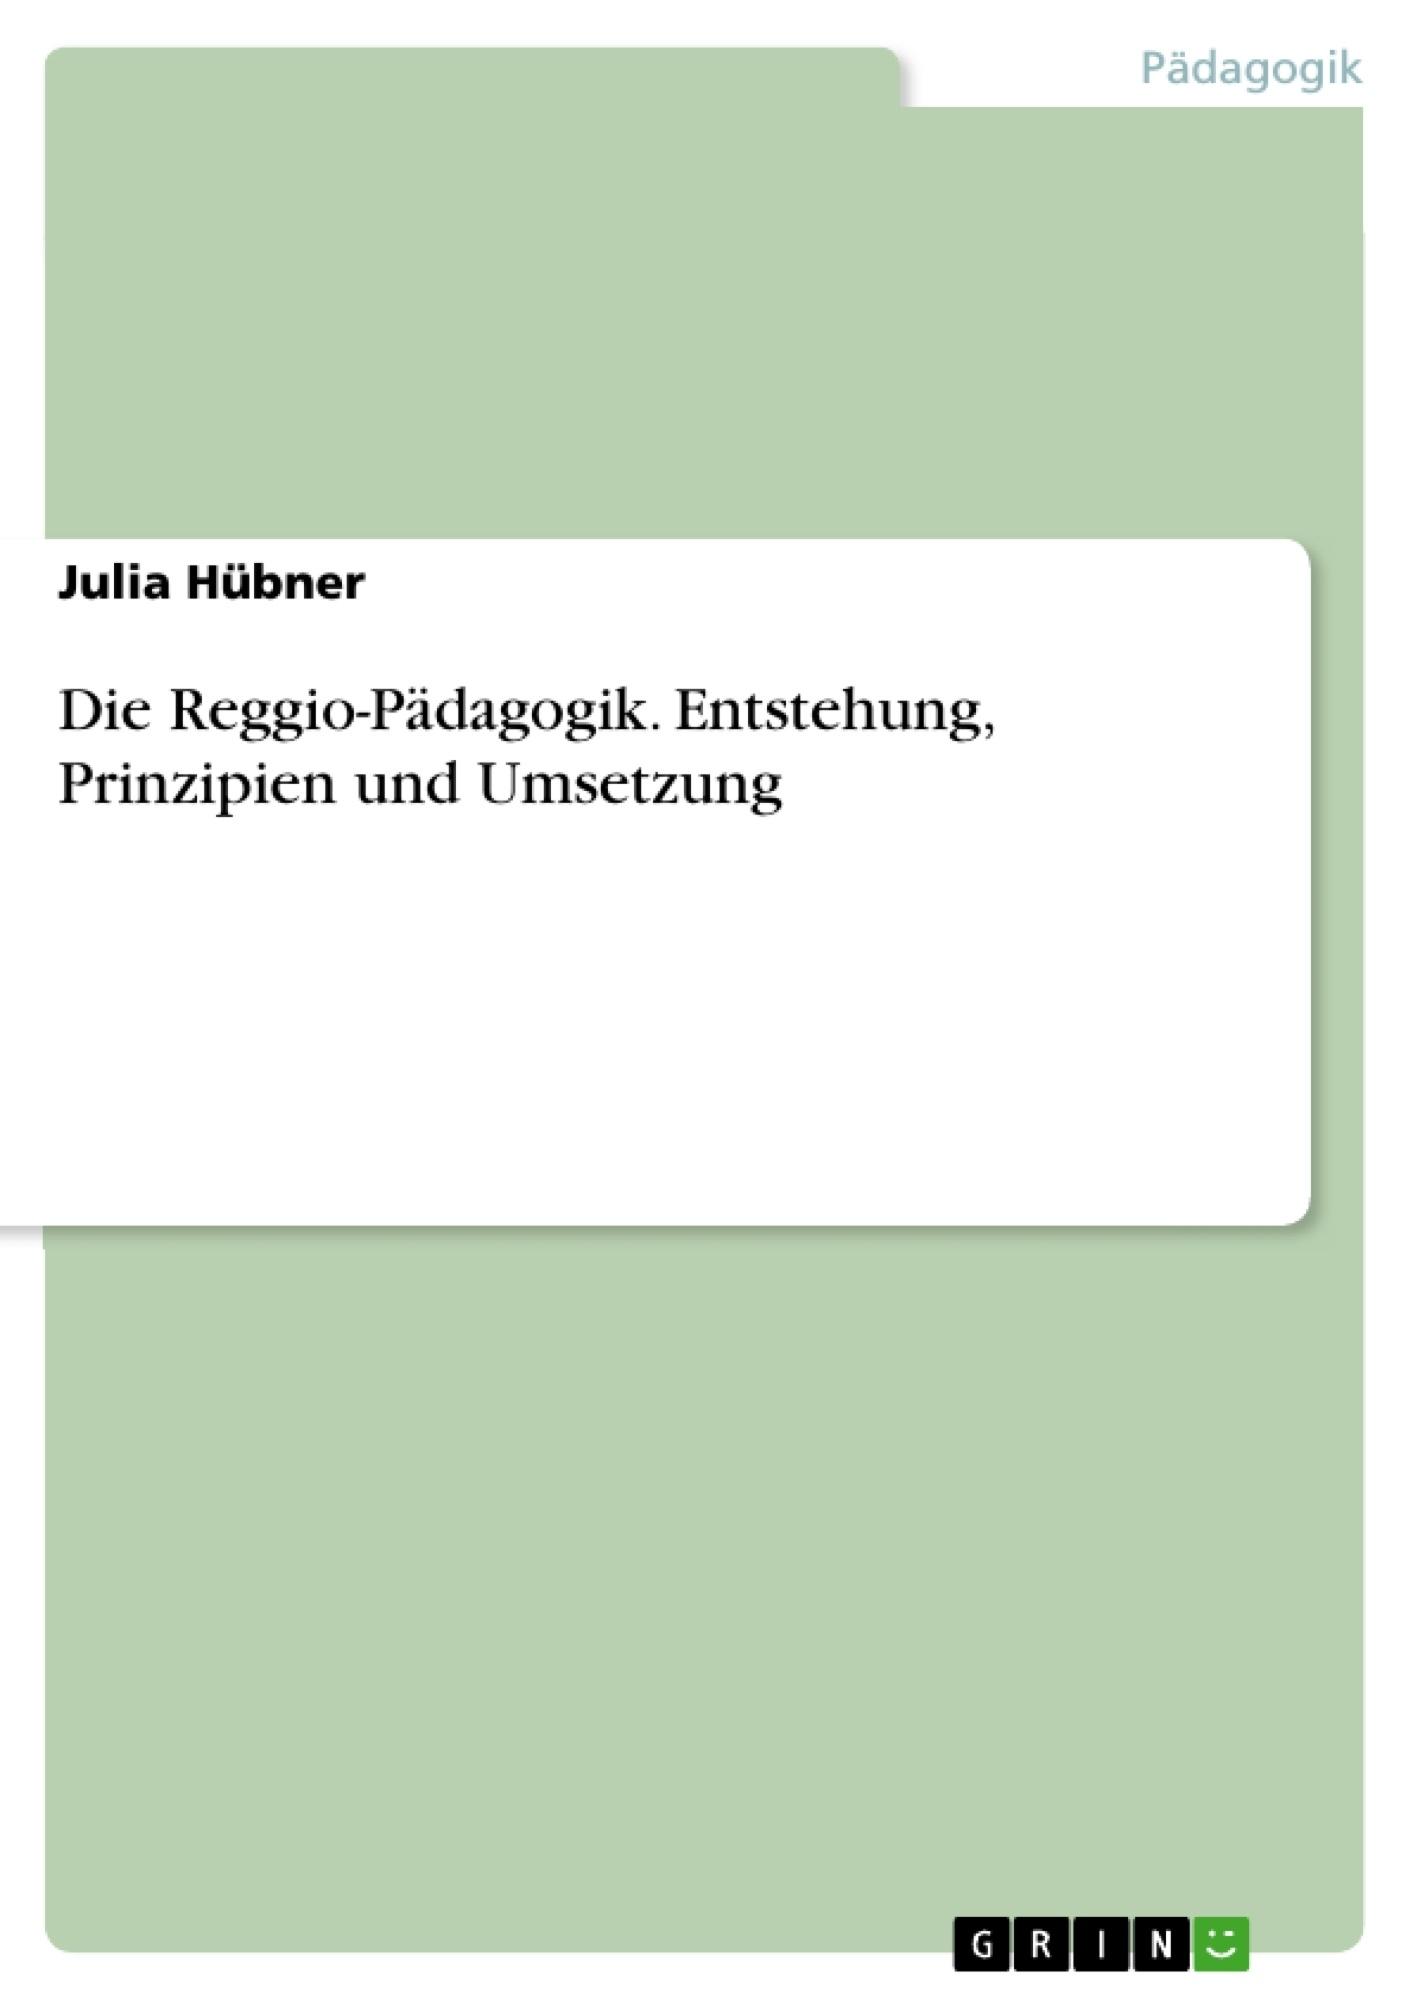 Titel: Die Reggio-Pädagogik. Entstehung, Prinzipien und Umsetzung